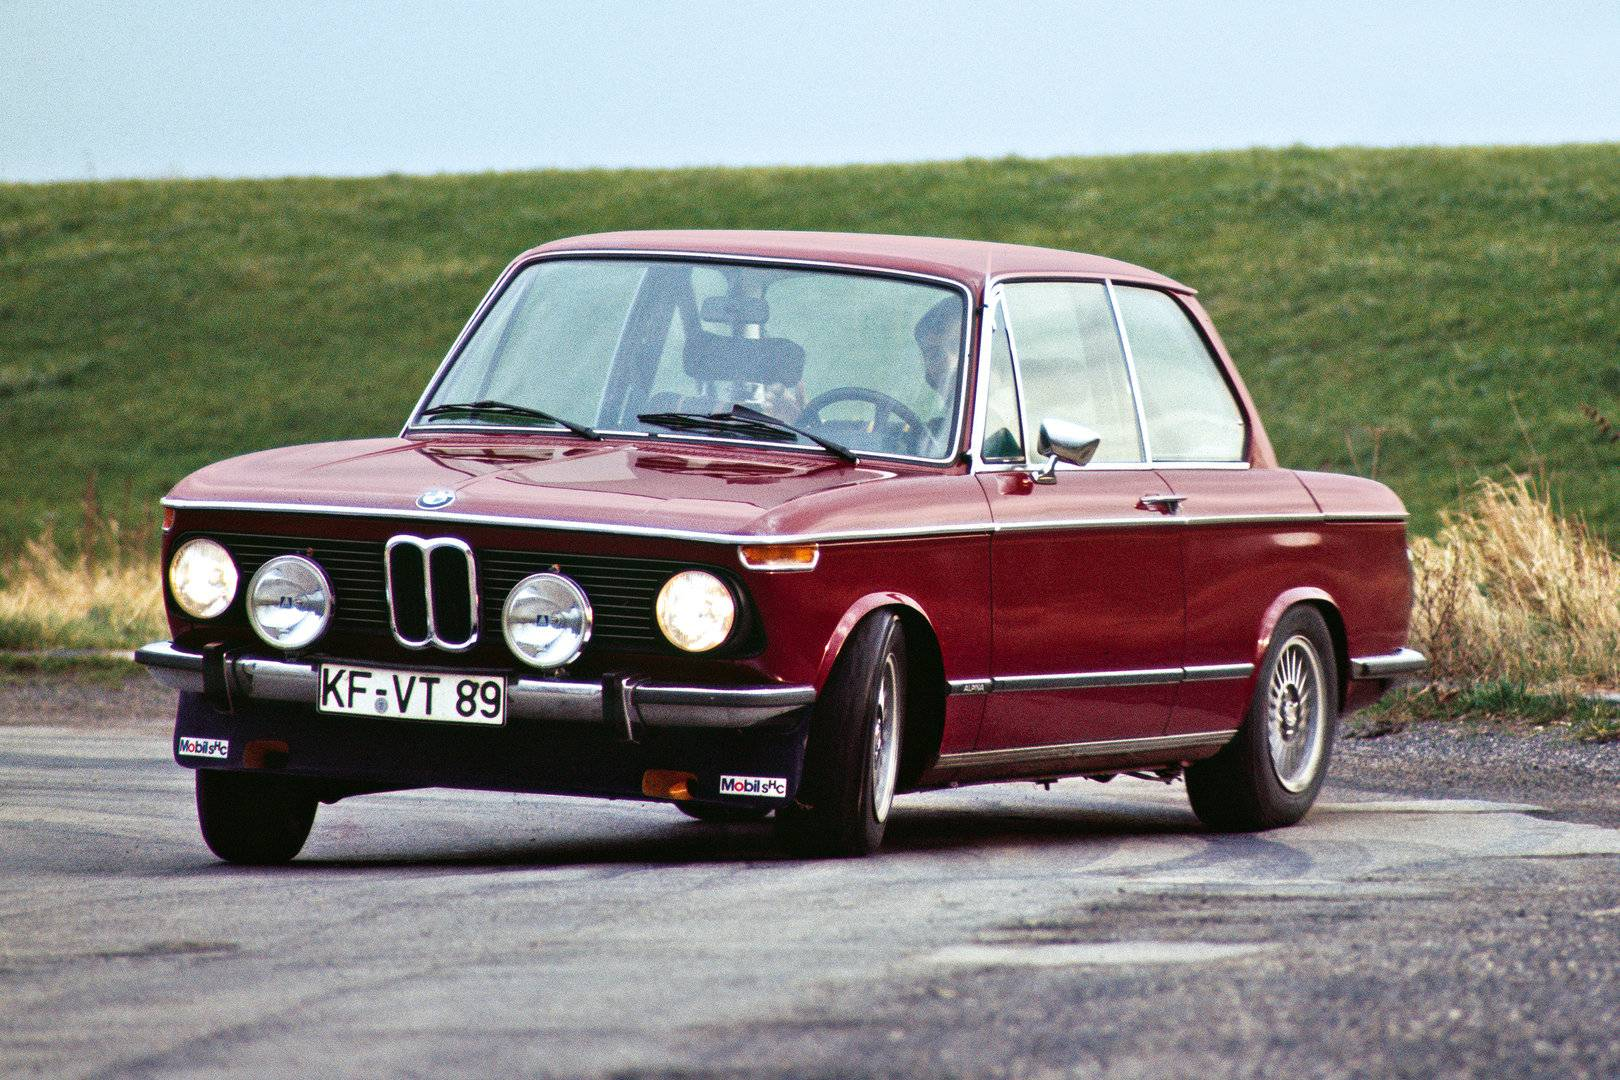 BMW 2002 tii Alpina 1